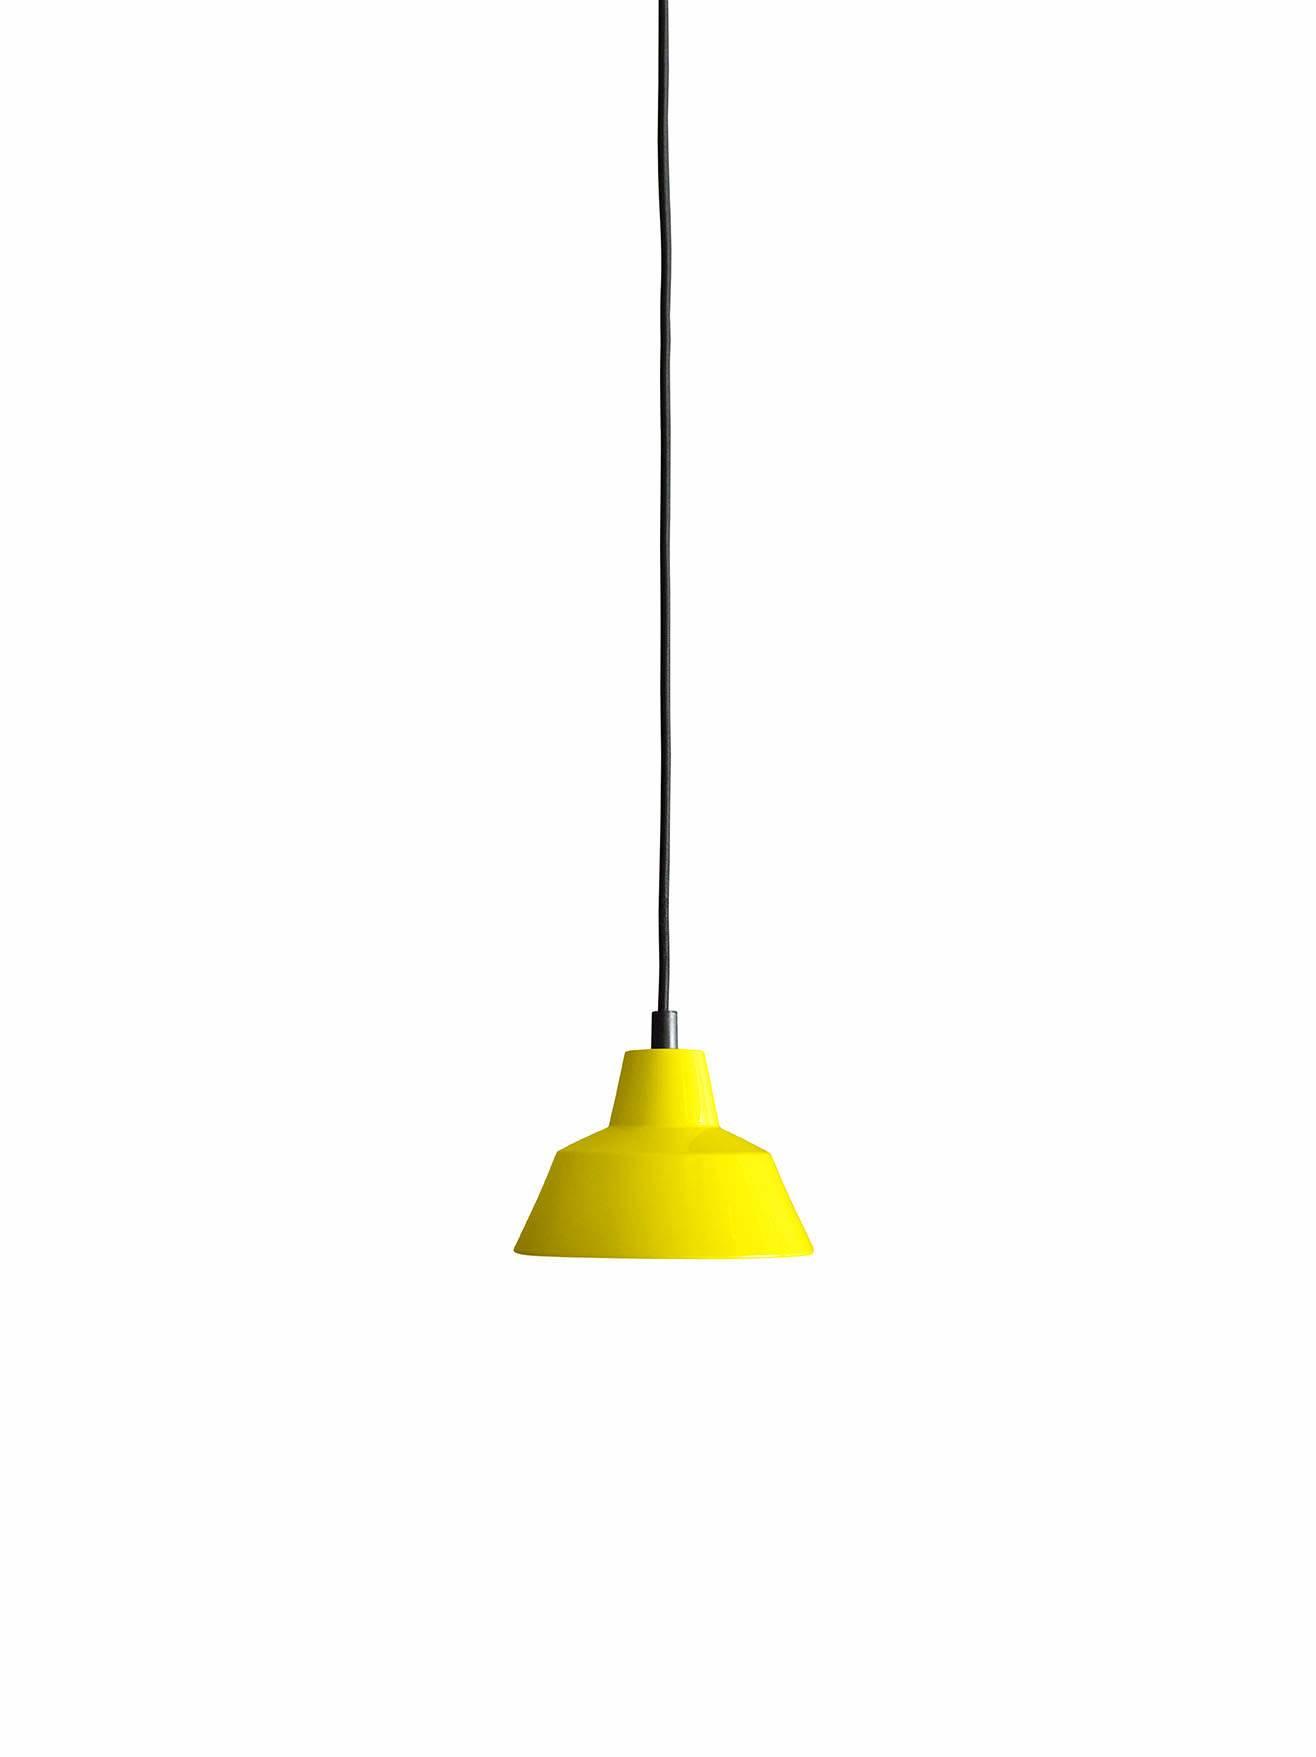 Et stykke dansk design historie fra Wedel Madsen. Med det solide og lidt industrielle look passer den særligt godt til en rå og minimalistisk indretning. Og så giver den godt lys! Flot gul farve.